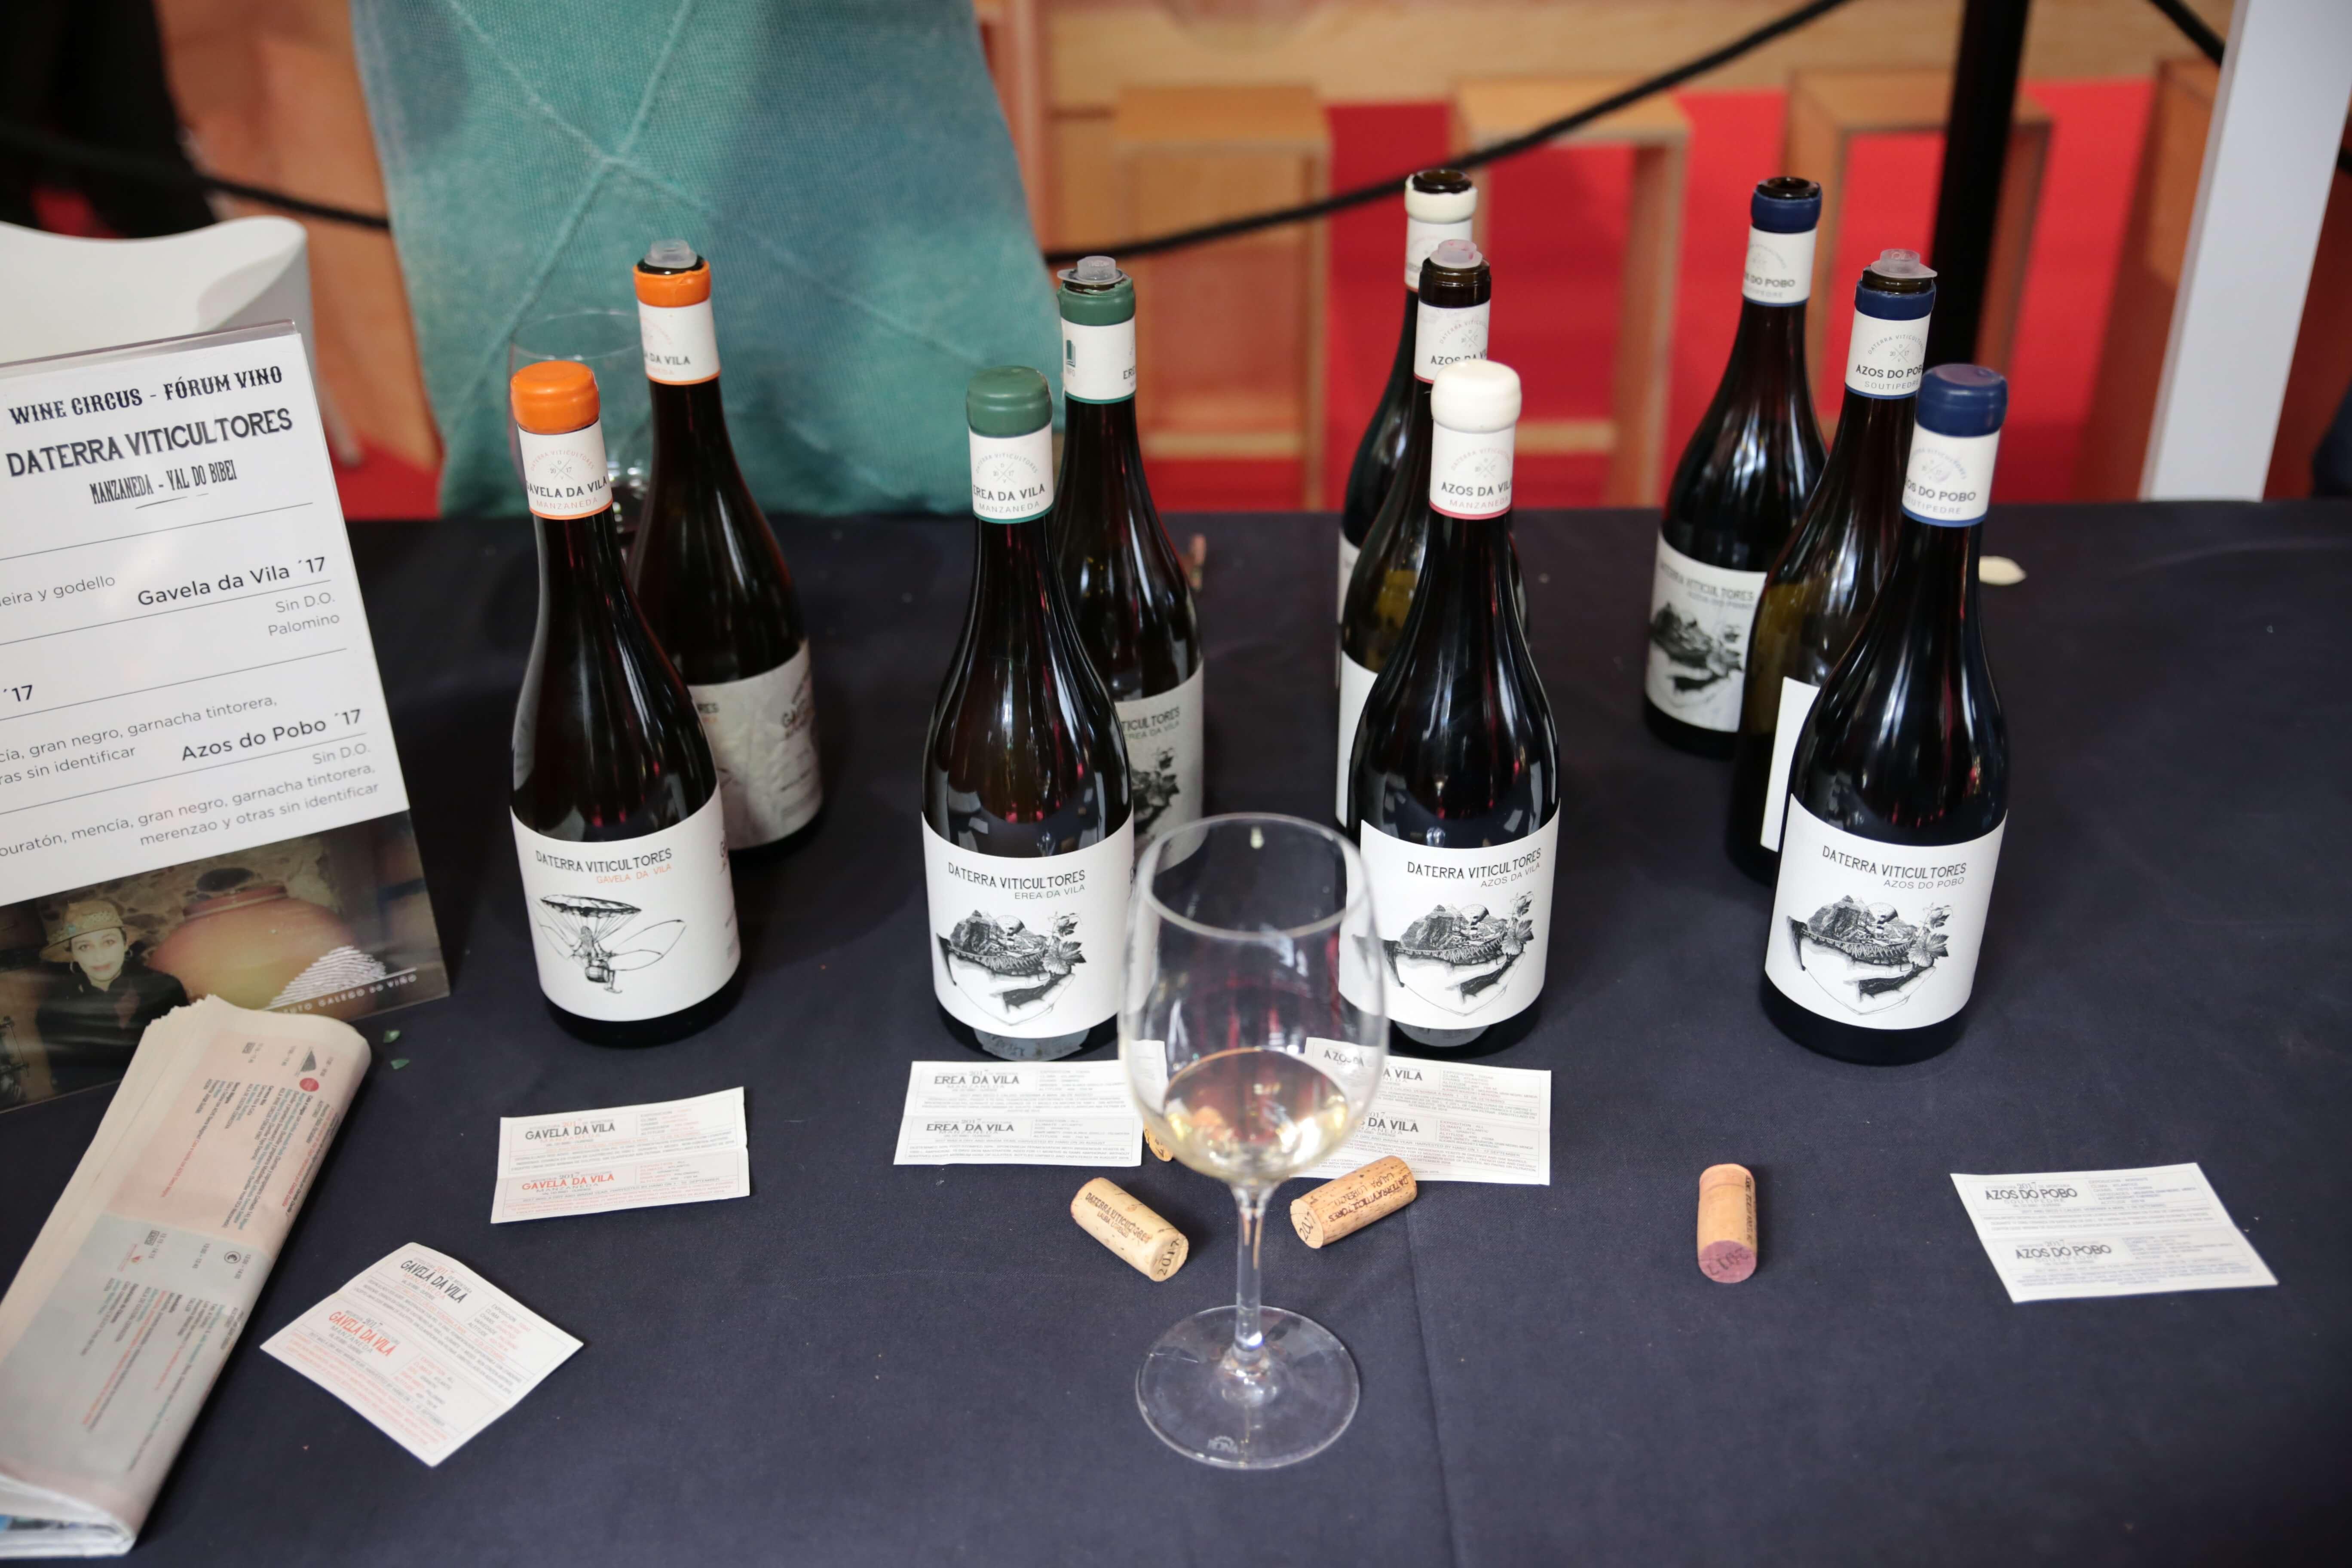 Daterra viticultores